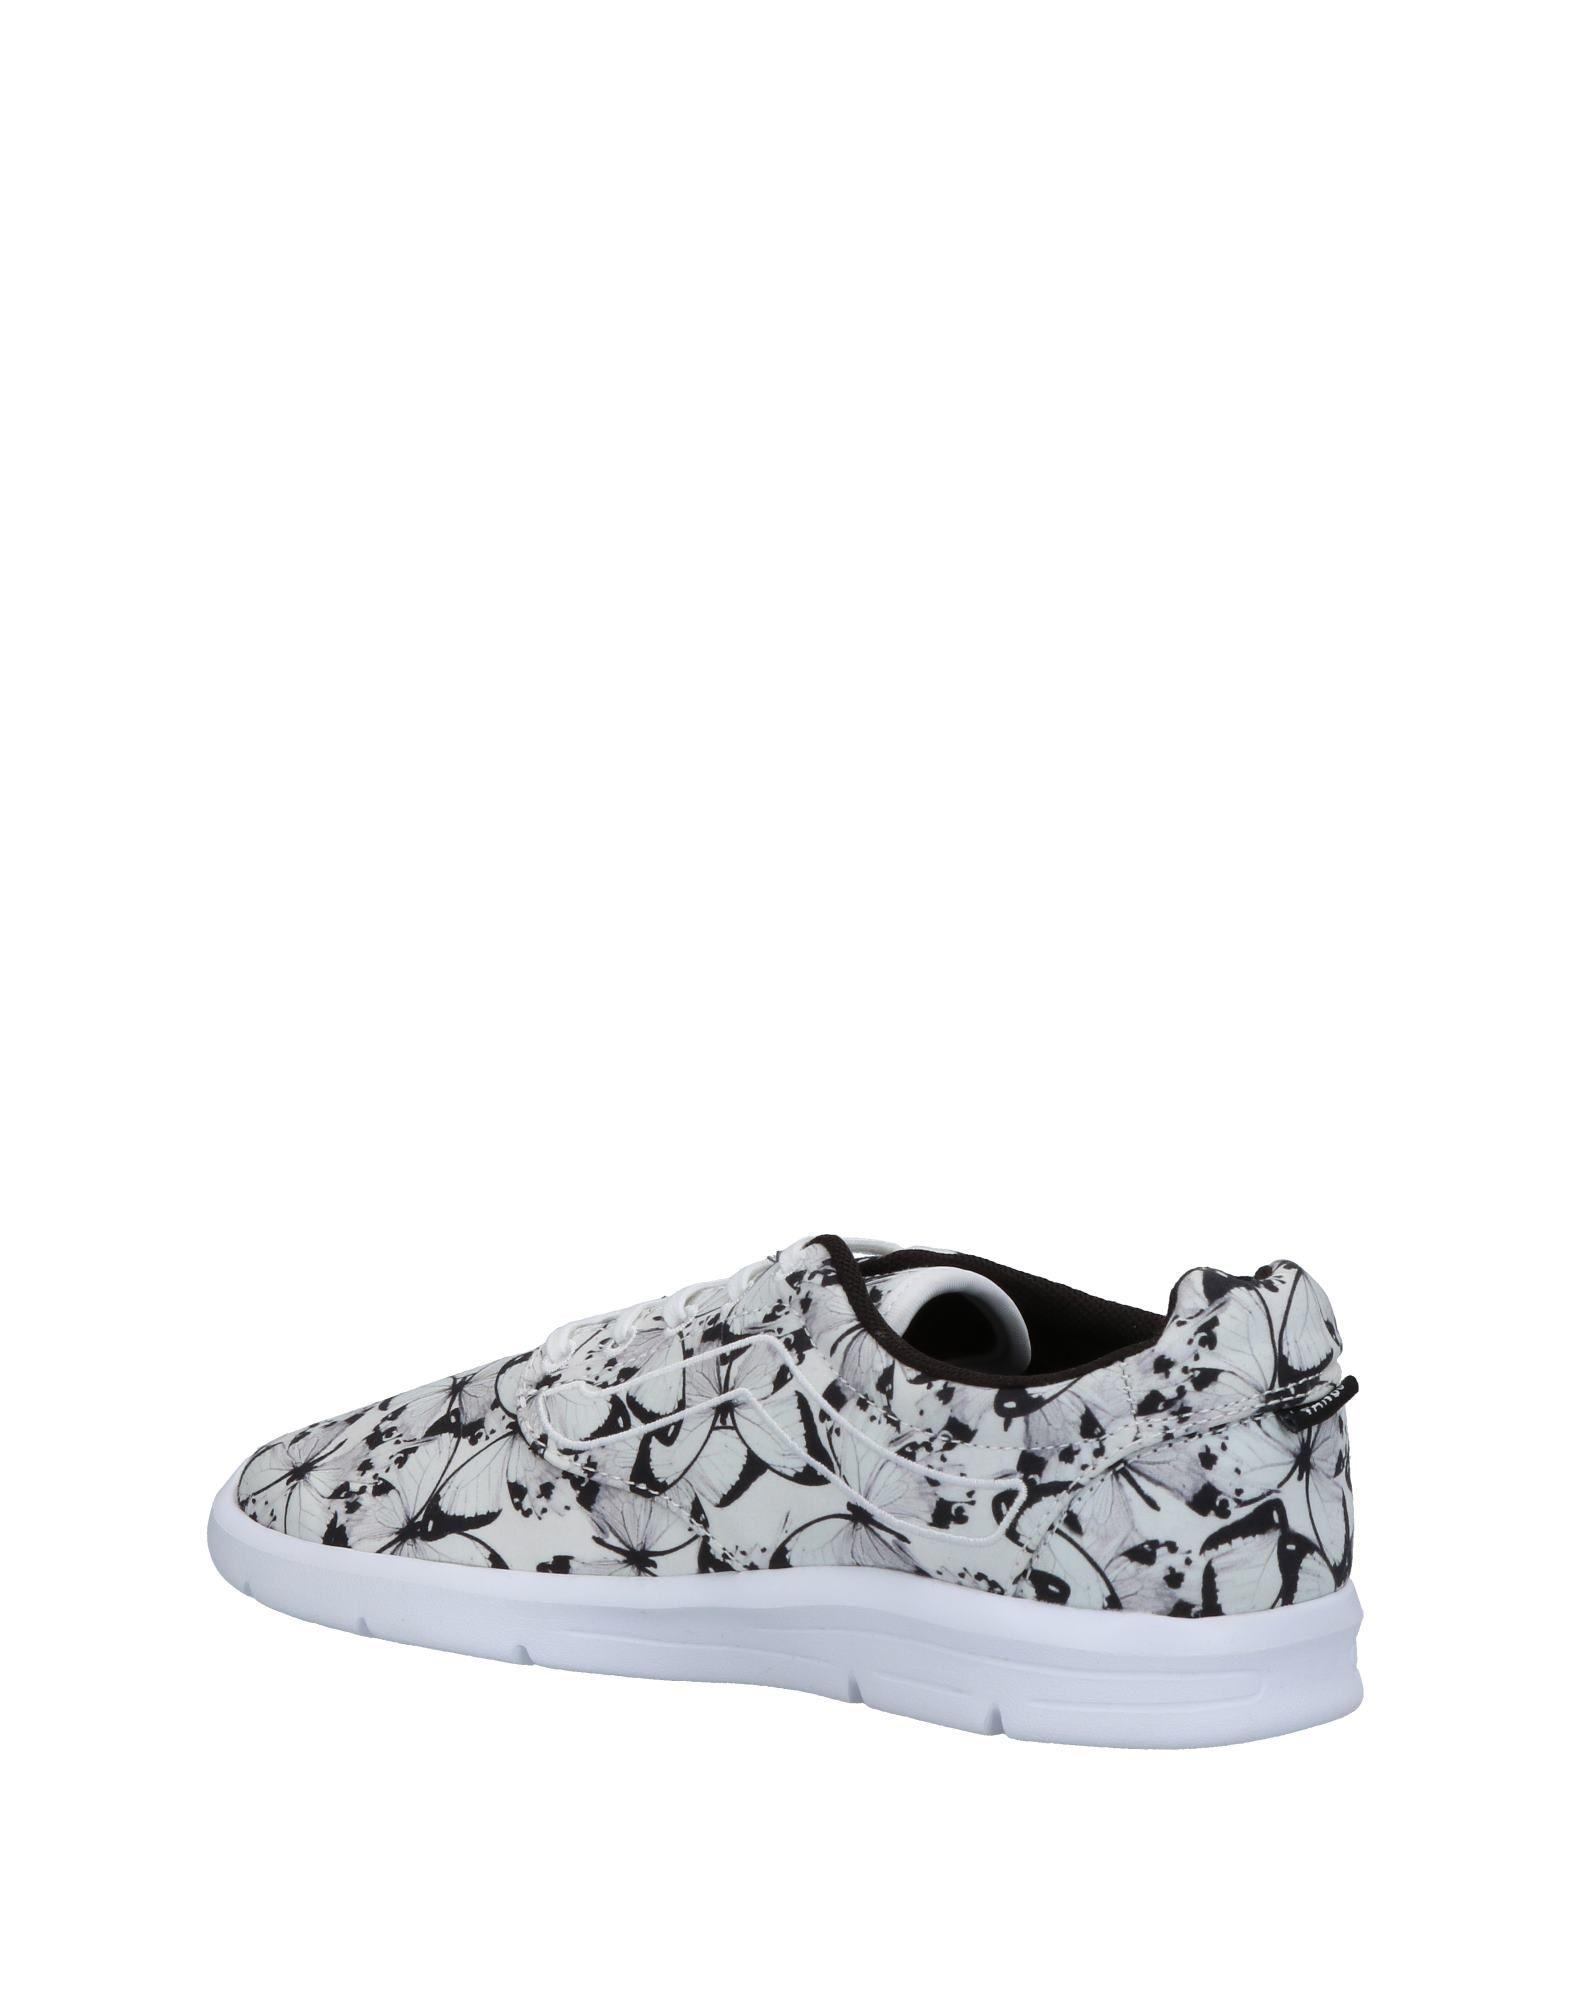 Vans Sneakers Damen Damen Sneakers  11376231PD aecb70